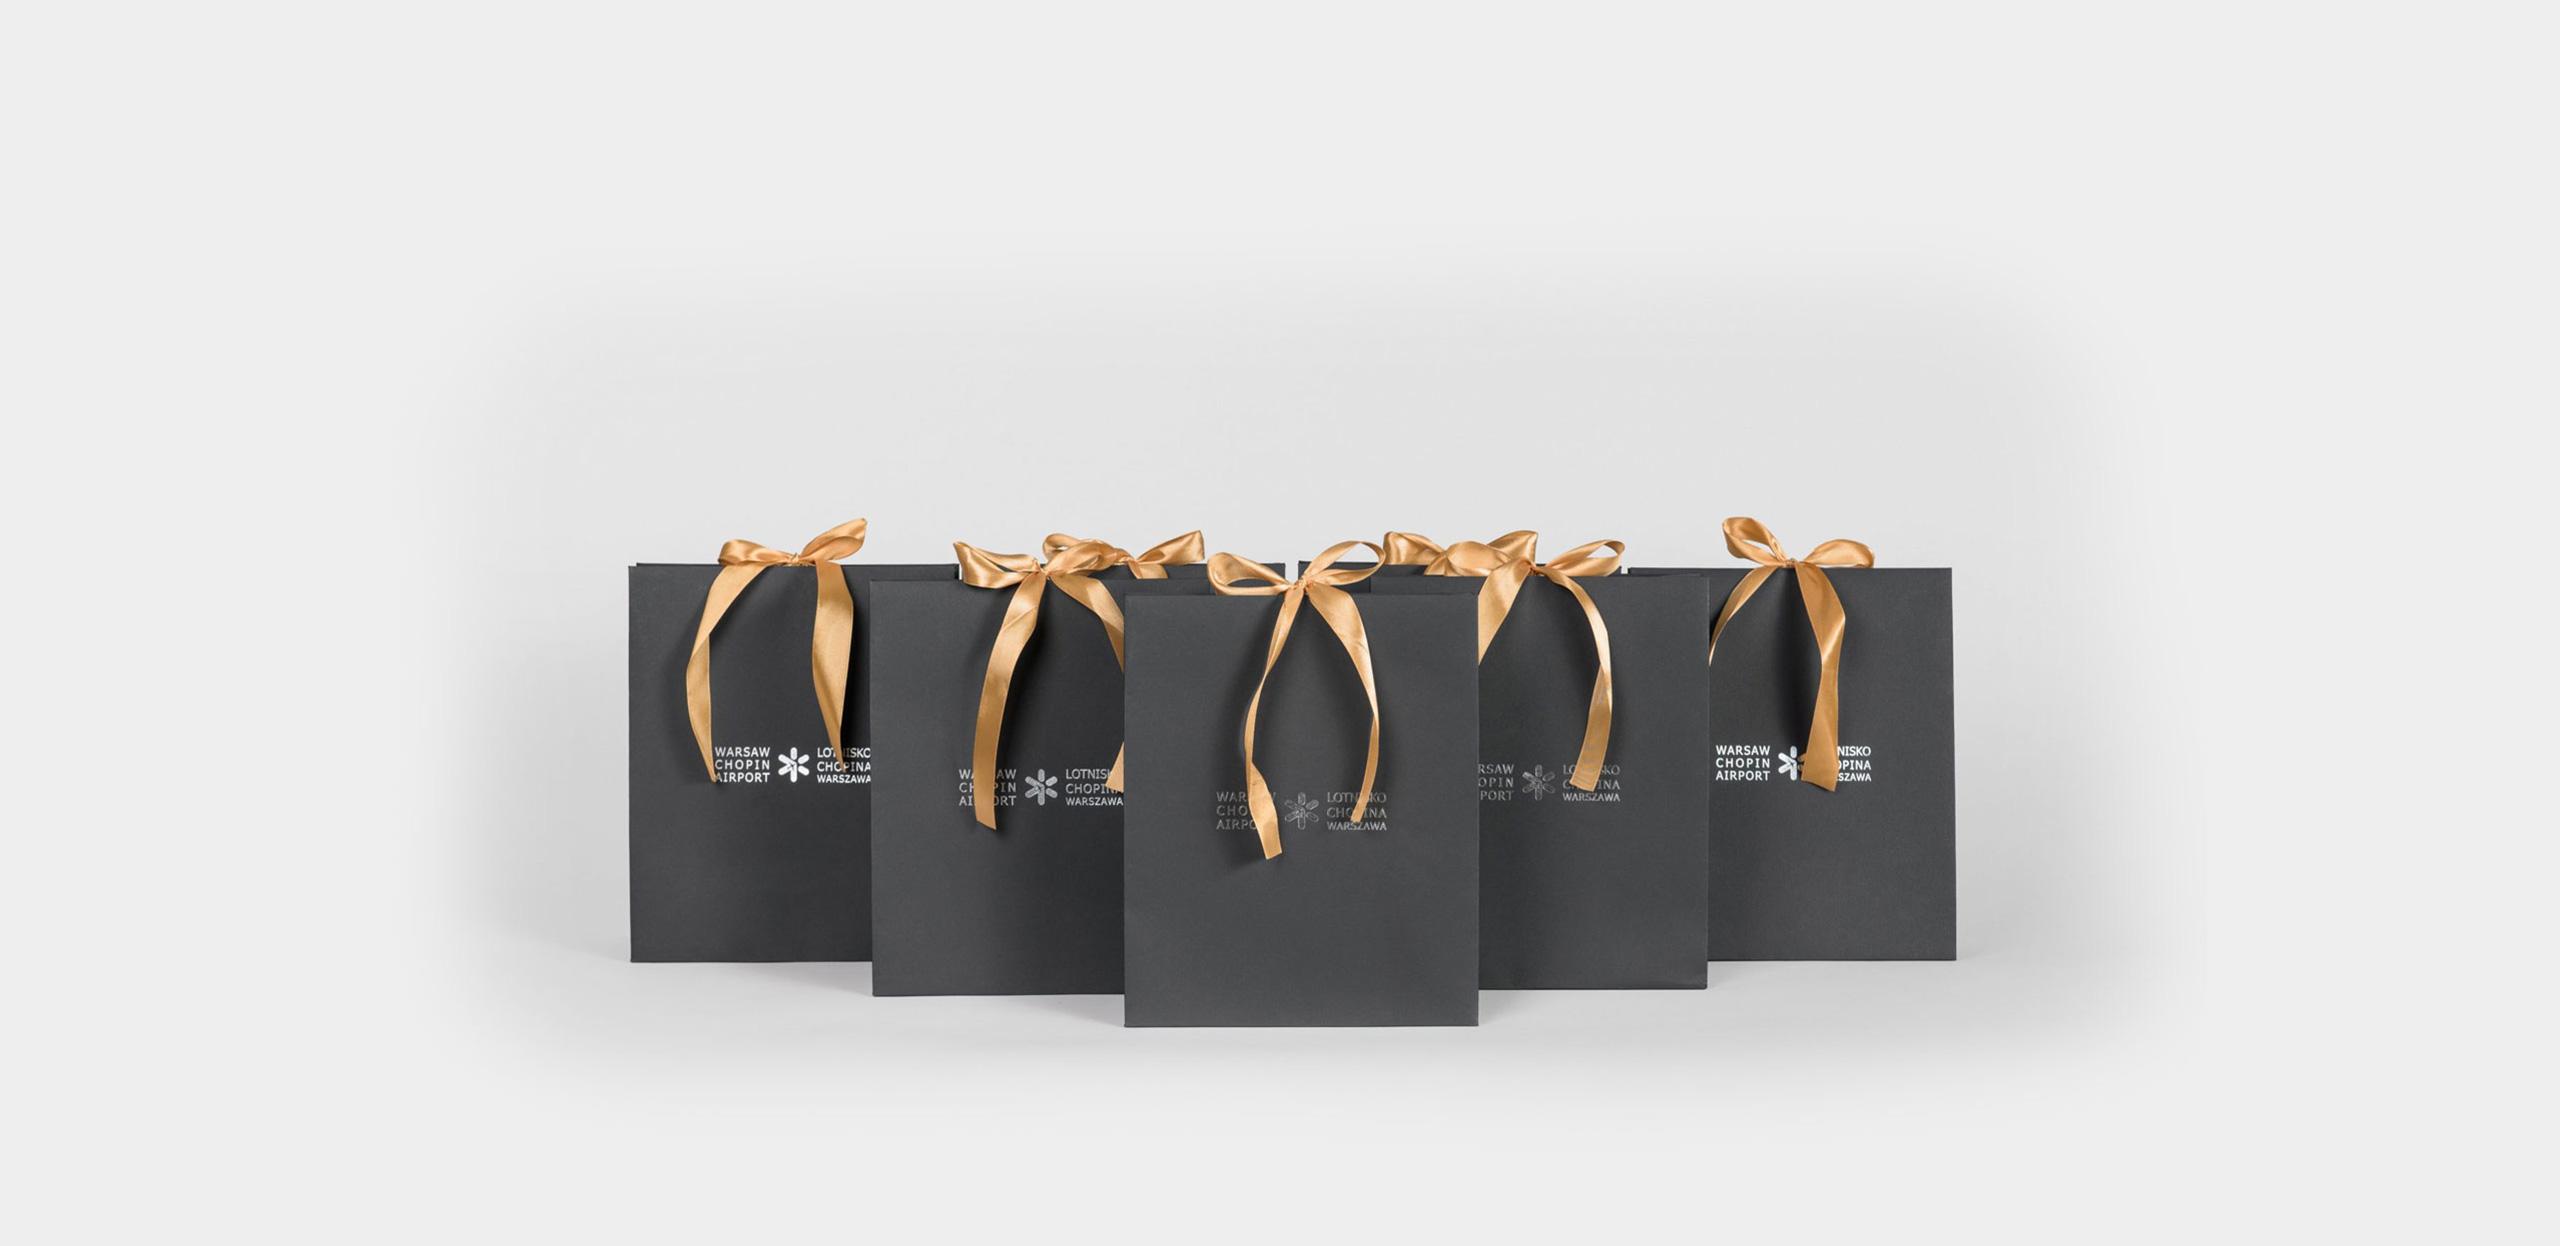 stylowe czarne torby ze złotą wstążką